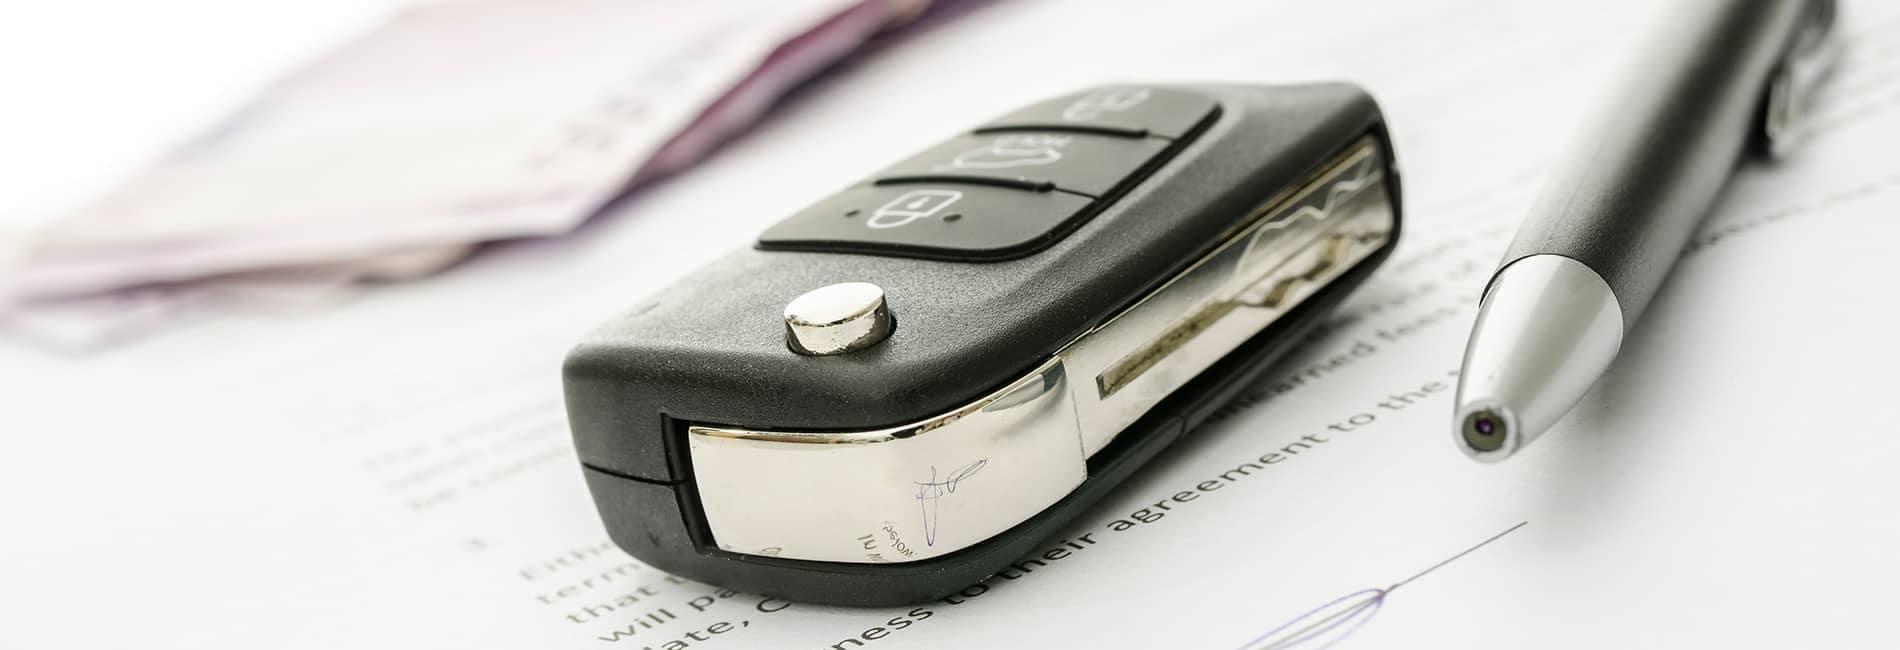 car key and pen